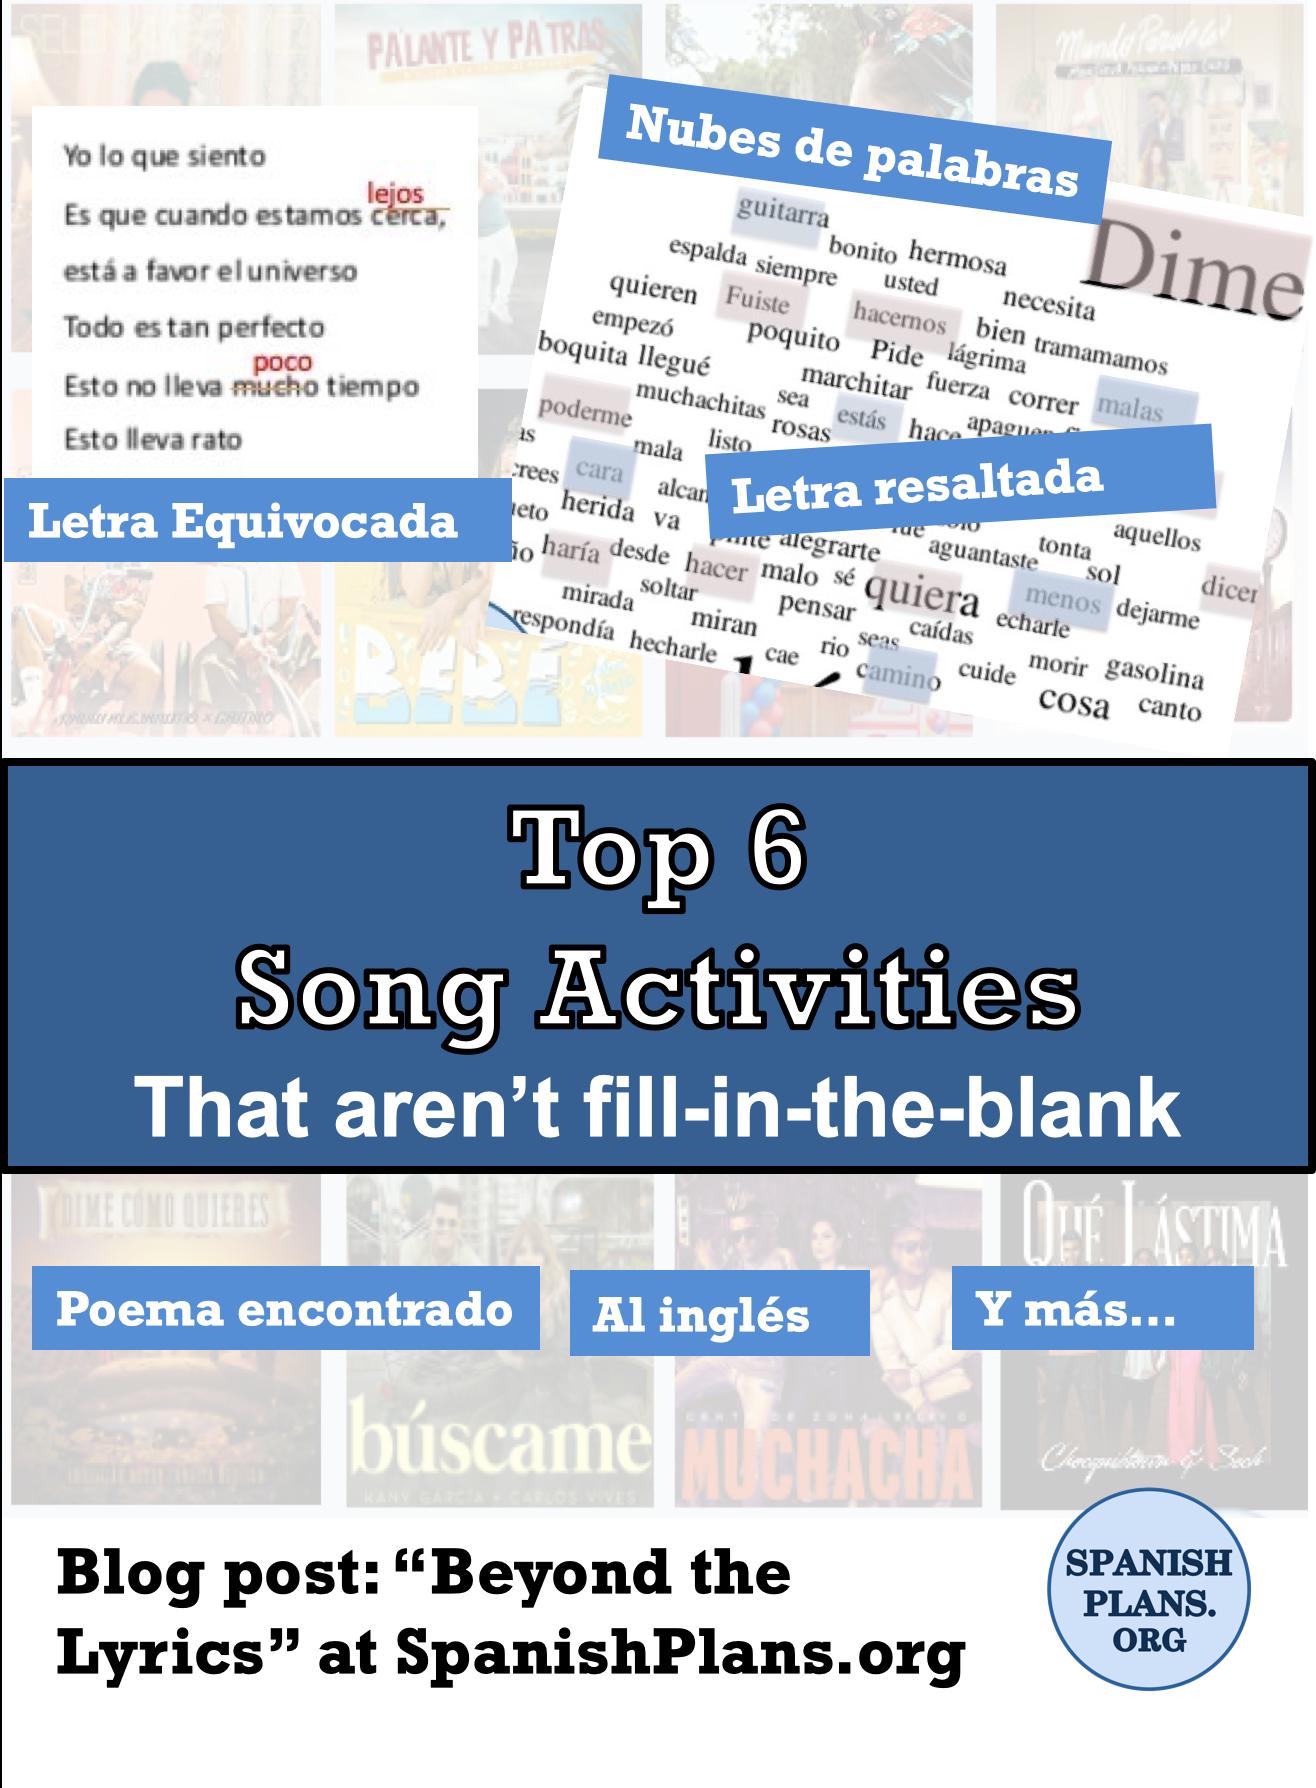 Top 6 song activities